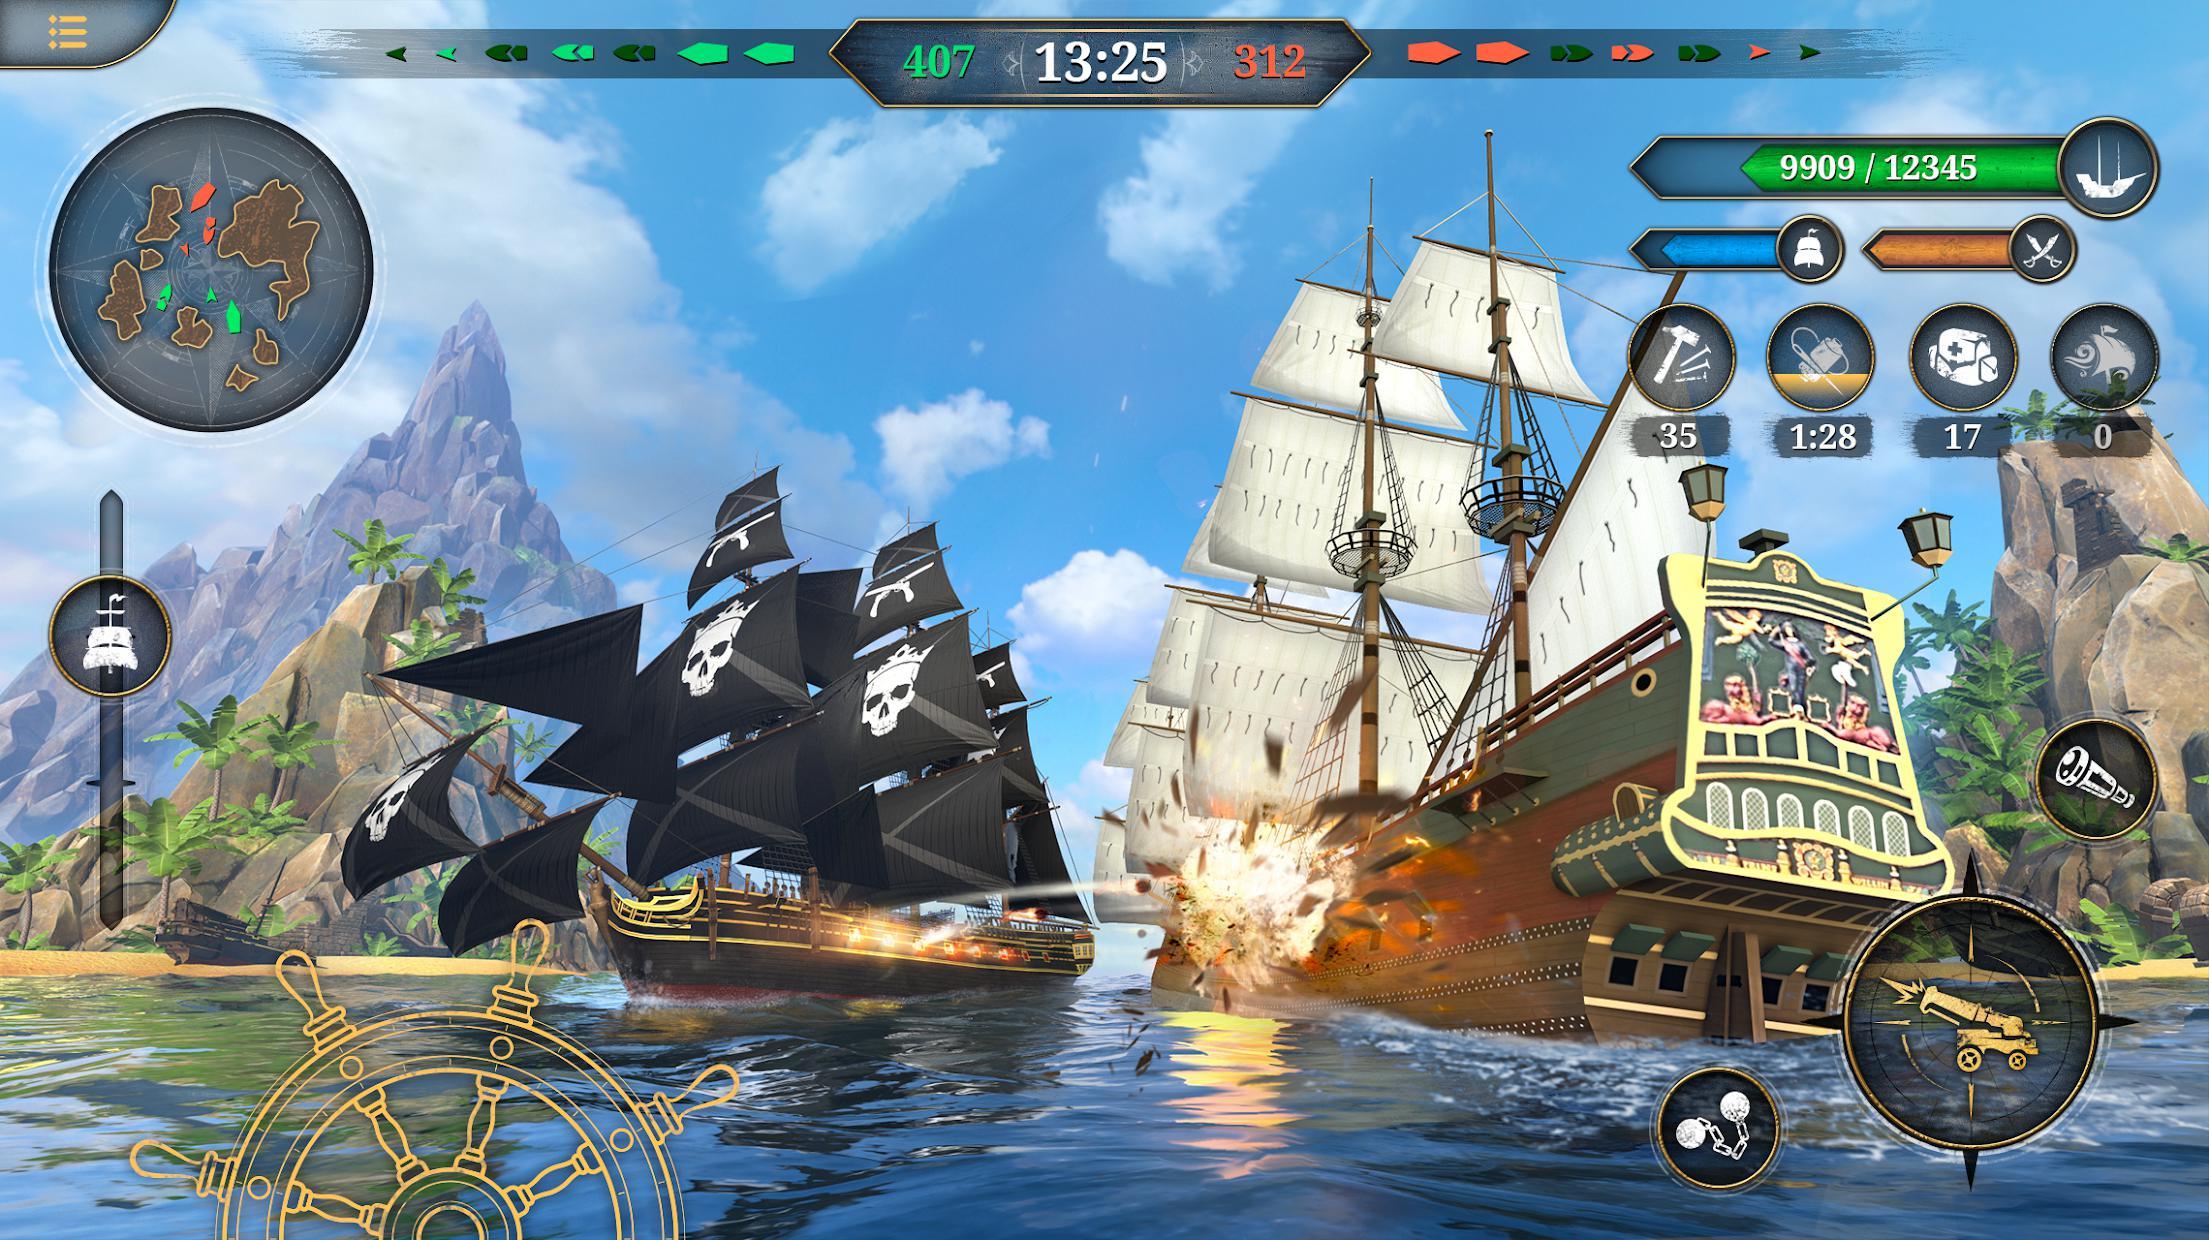 航海王:皇家海军 游戏截图5